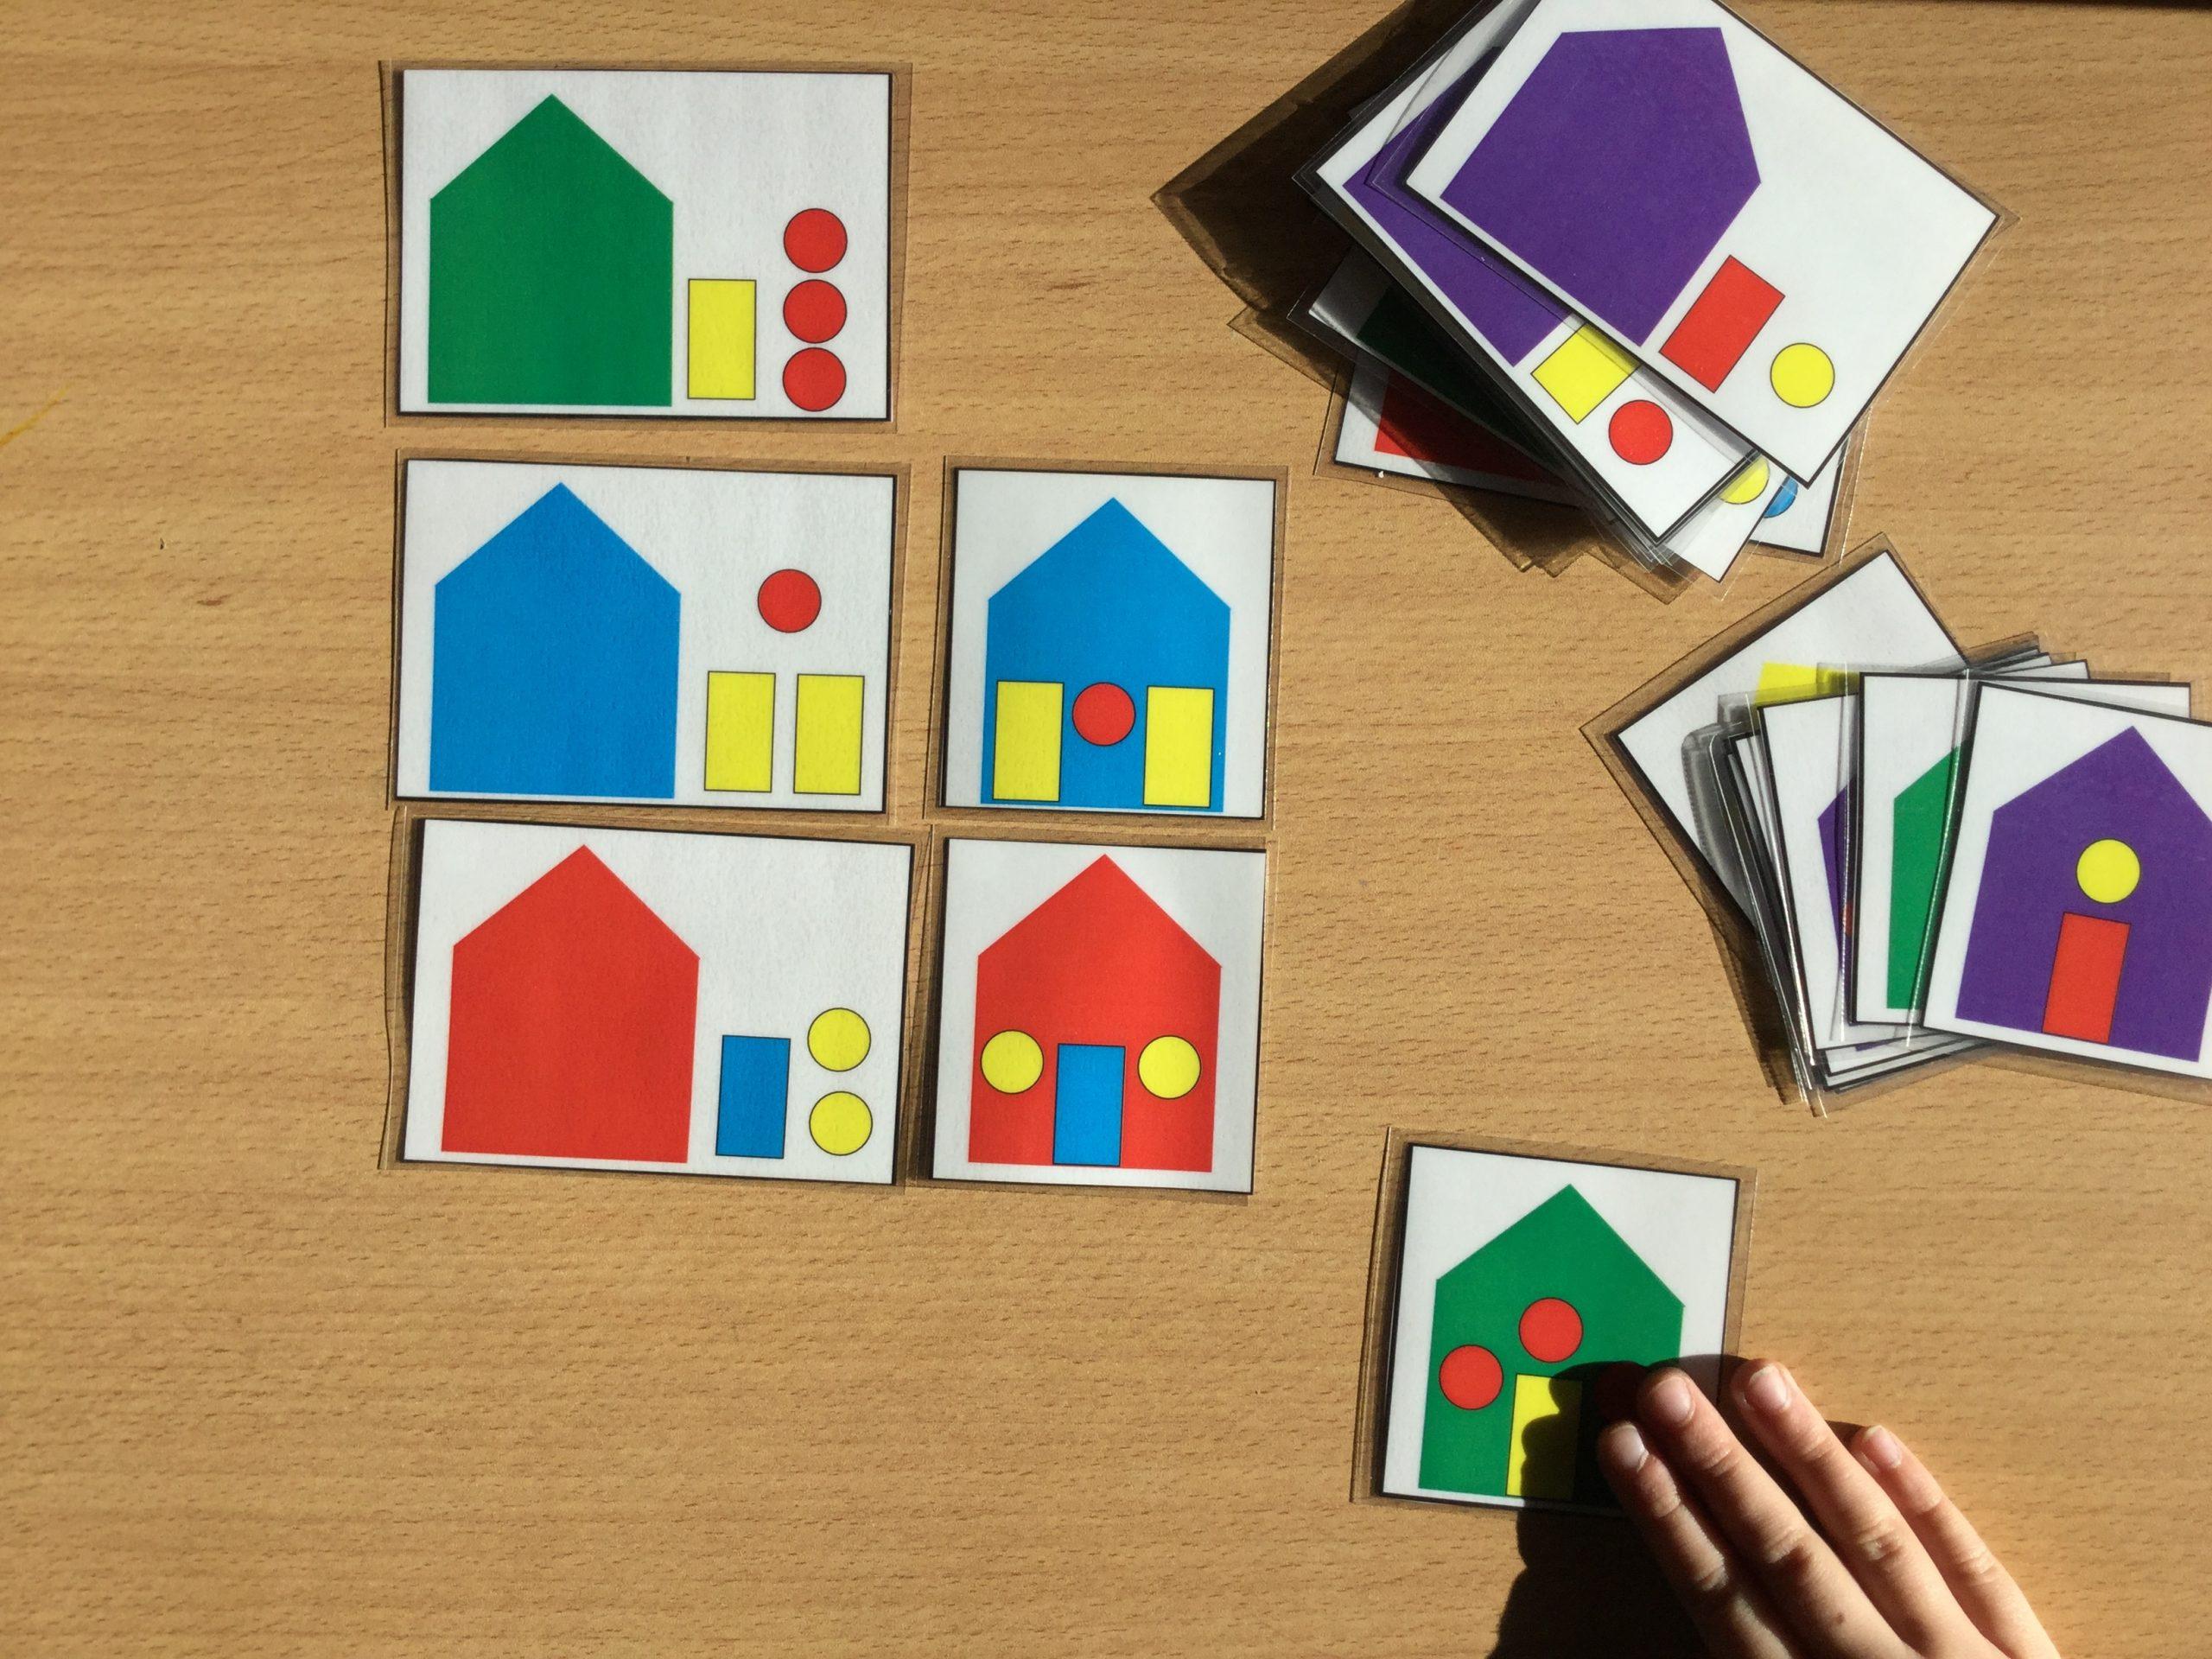 Espace Et Géométrie : Jeu Des Maisons – Evolution Classe intérieur Jeu De Forme Géométrique